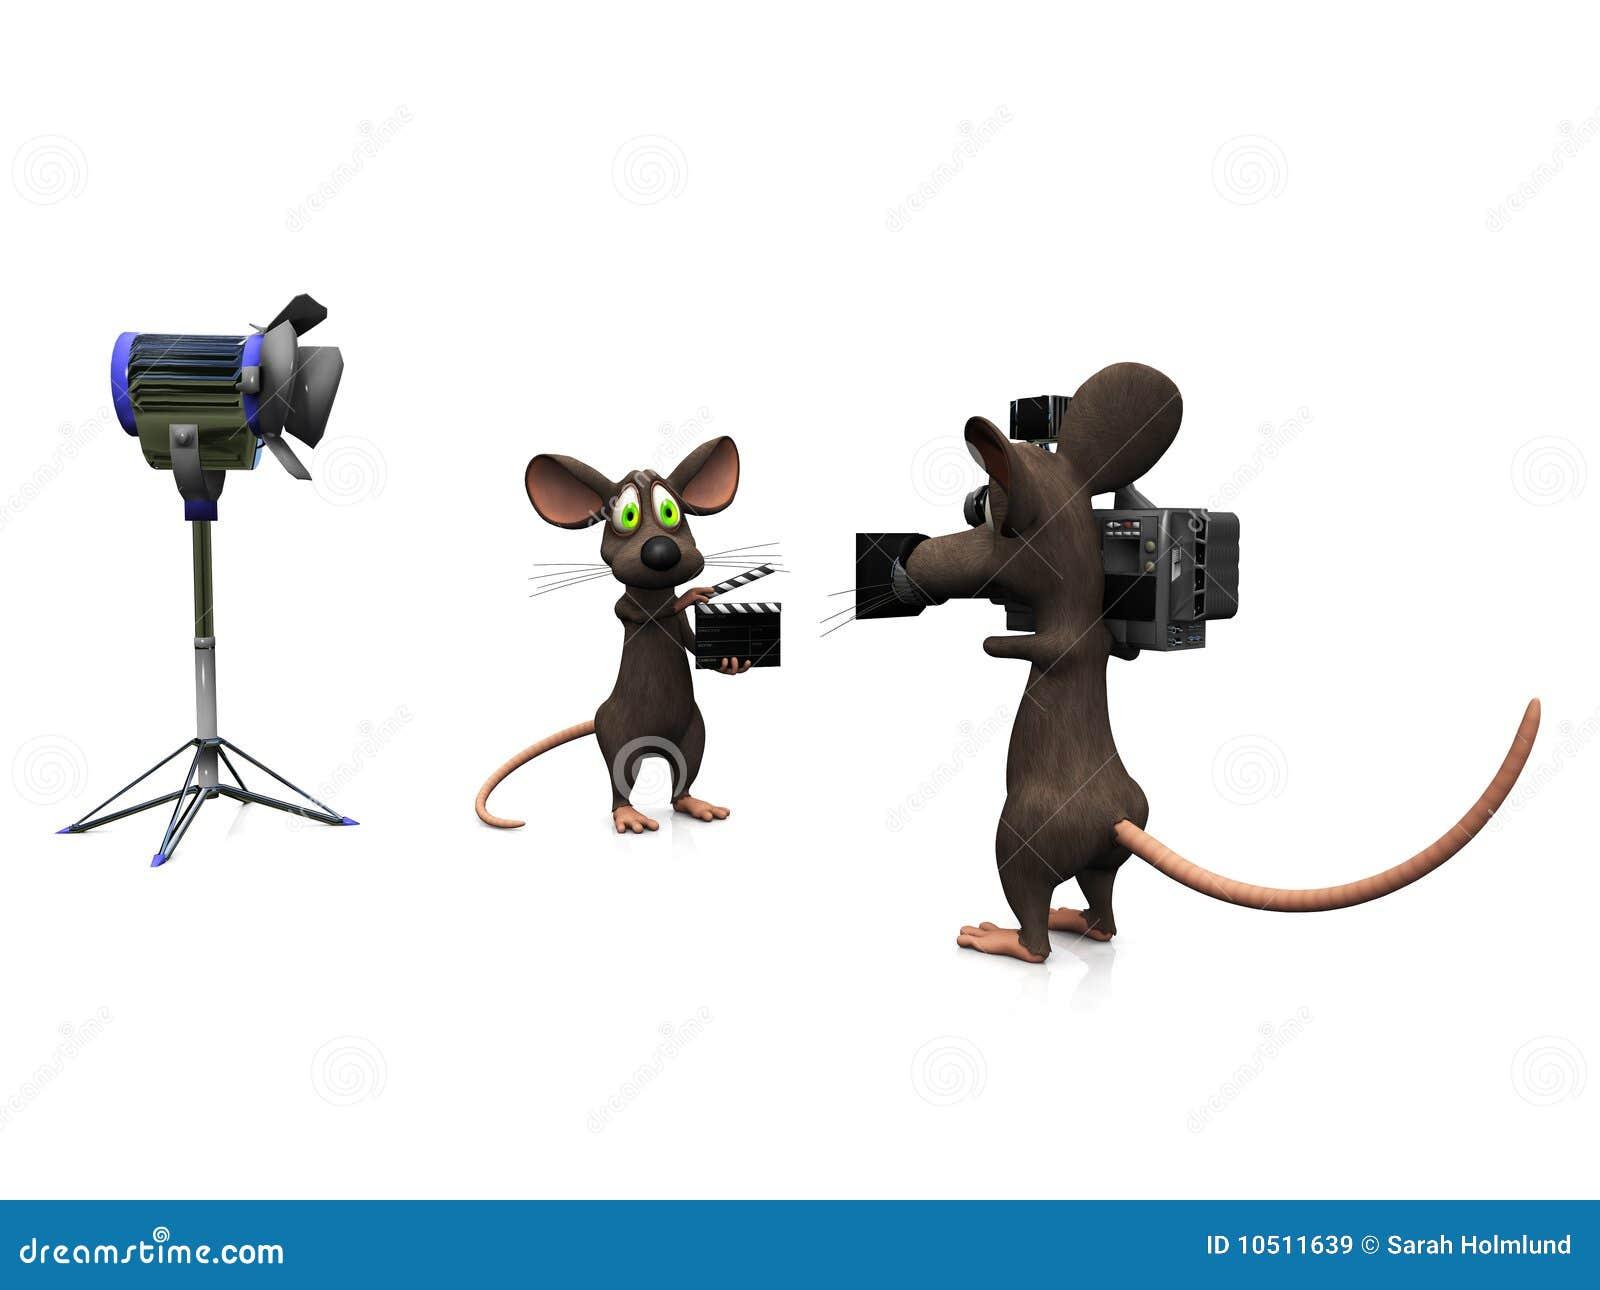 Filmer de souris de dessin animé.